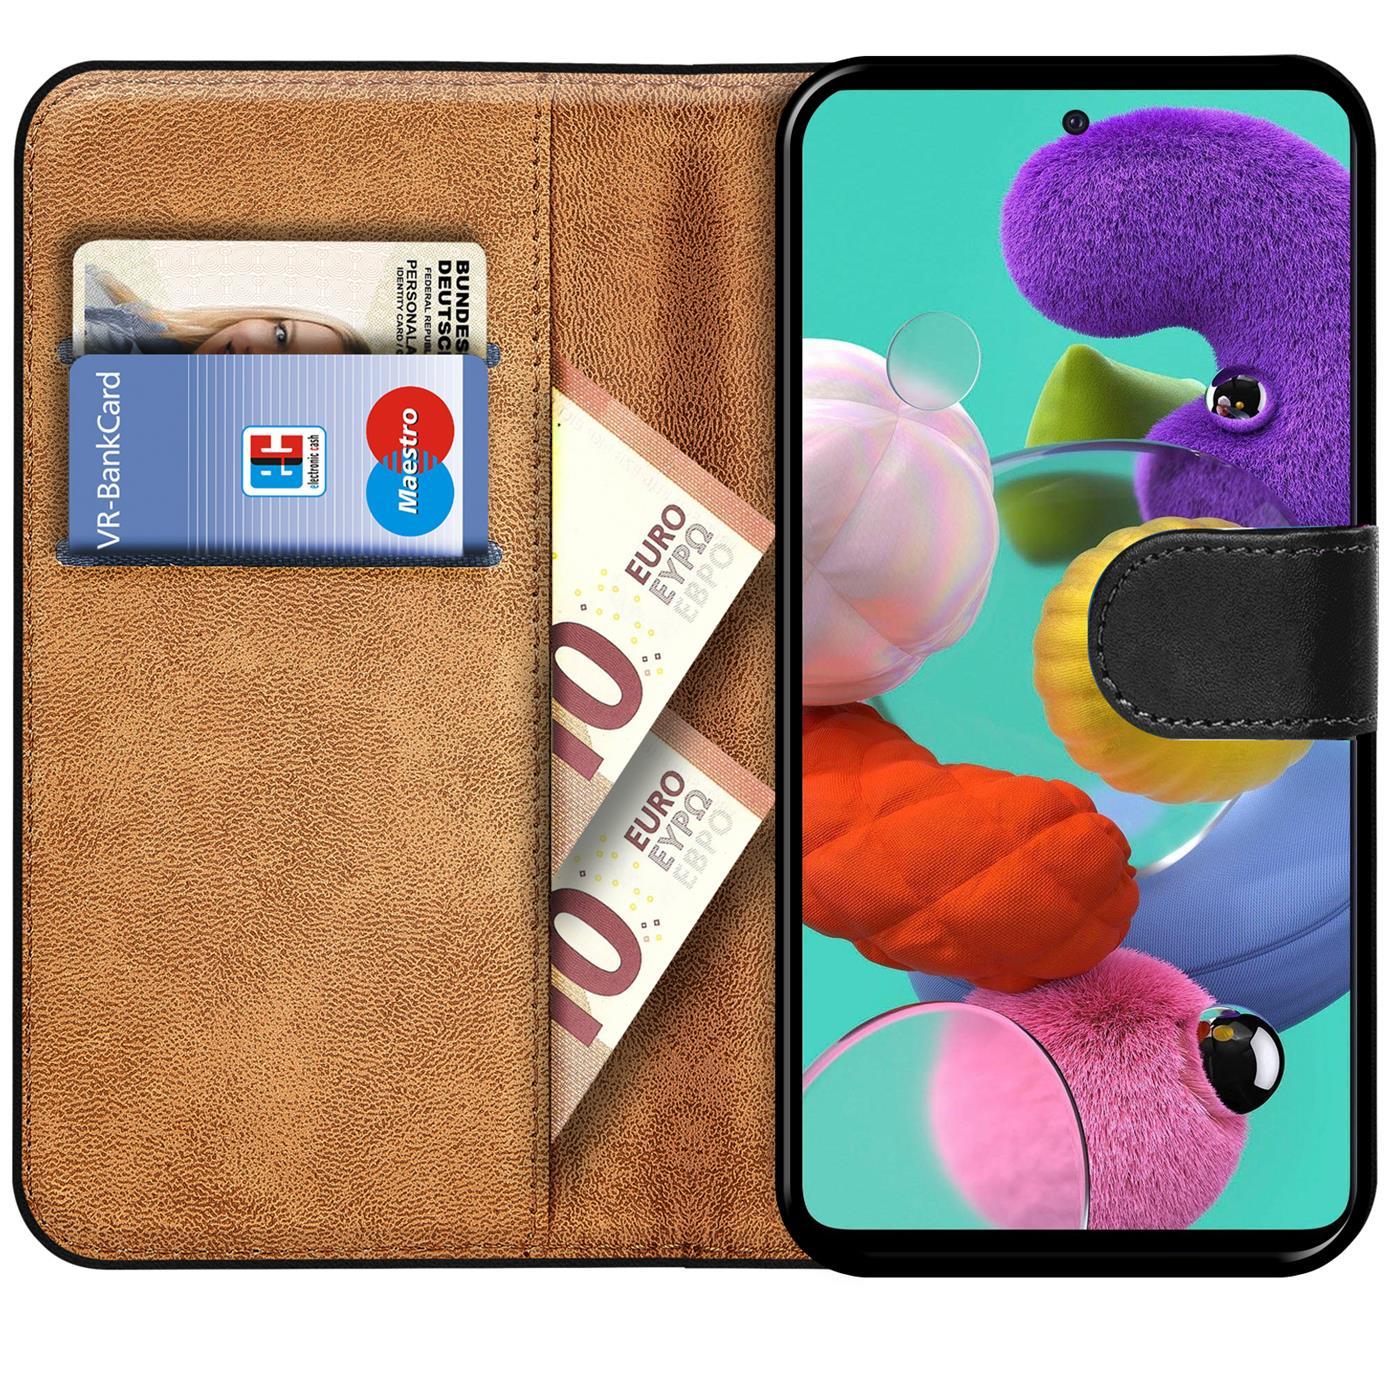 Book-Case-fuer-Samsung-Galaxy-A51-Huelle-Tasche-Flip-Cover-Handy-Schutz-Huelle Indexbild 18